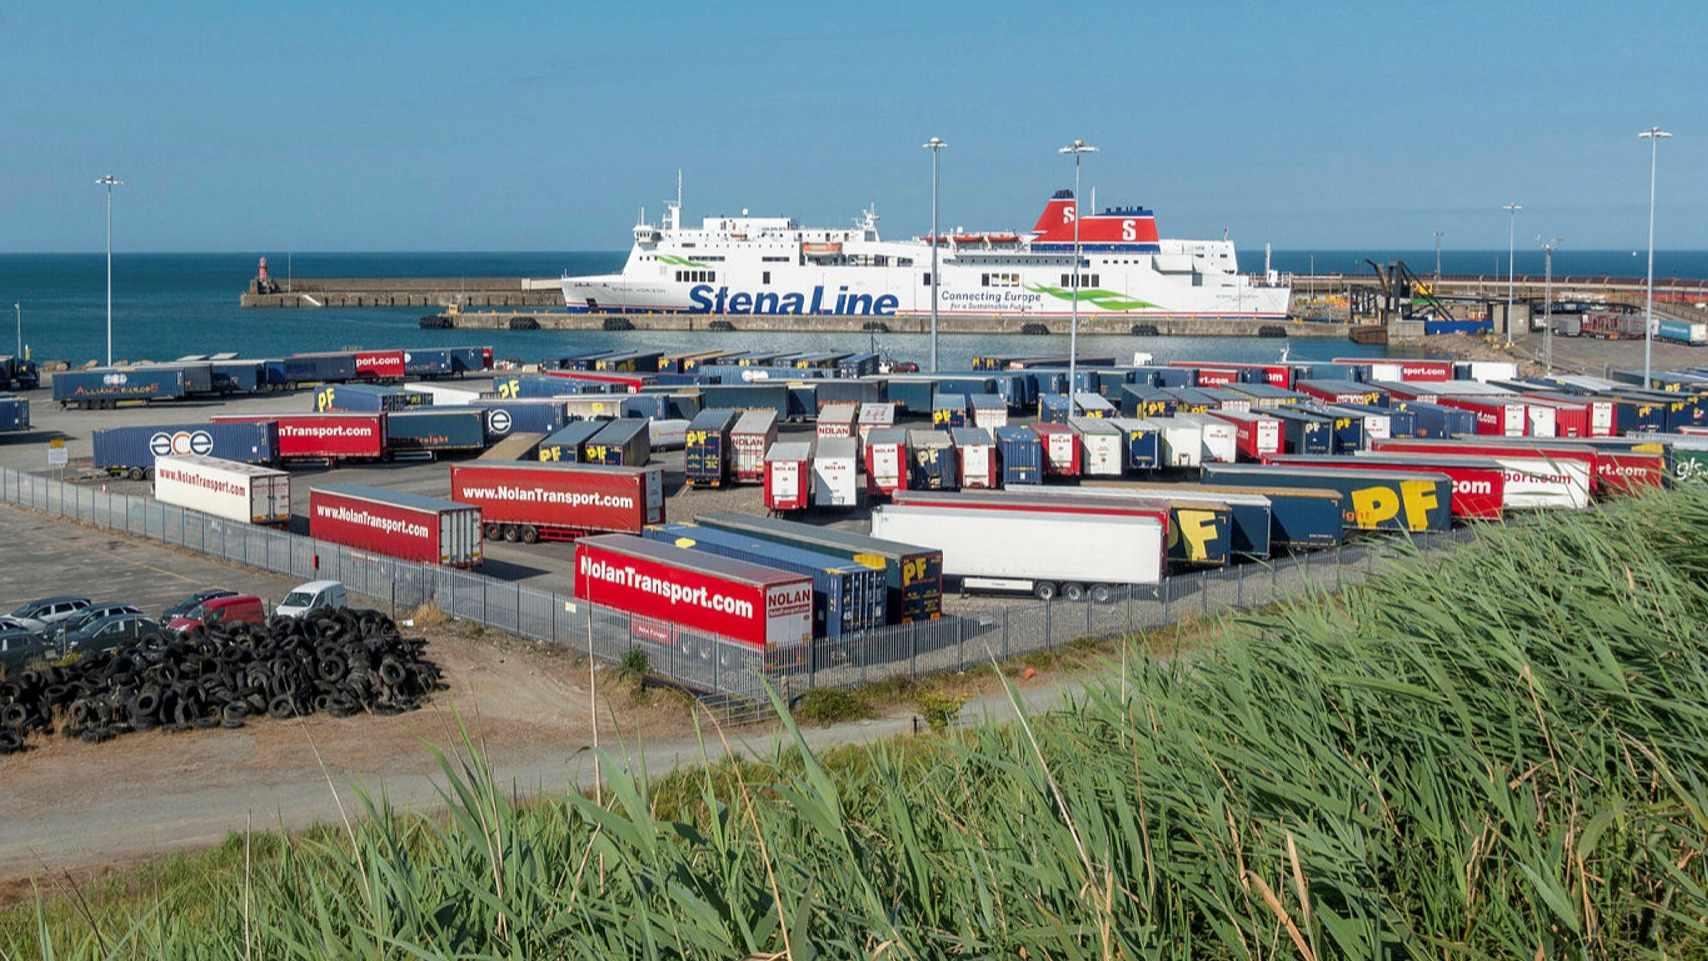 ireland northern stena ferry brexit